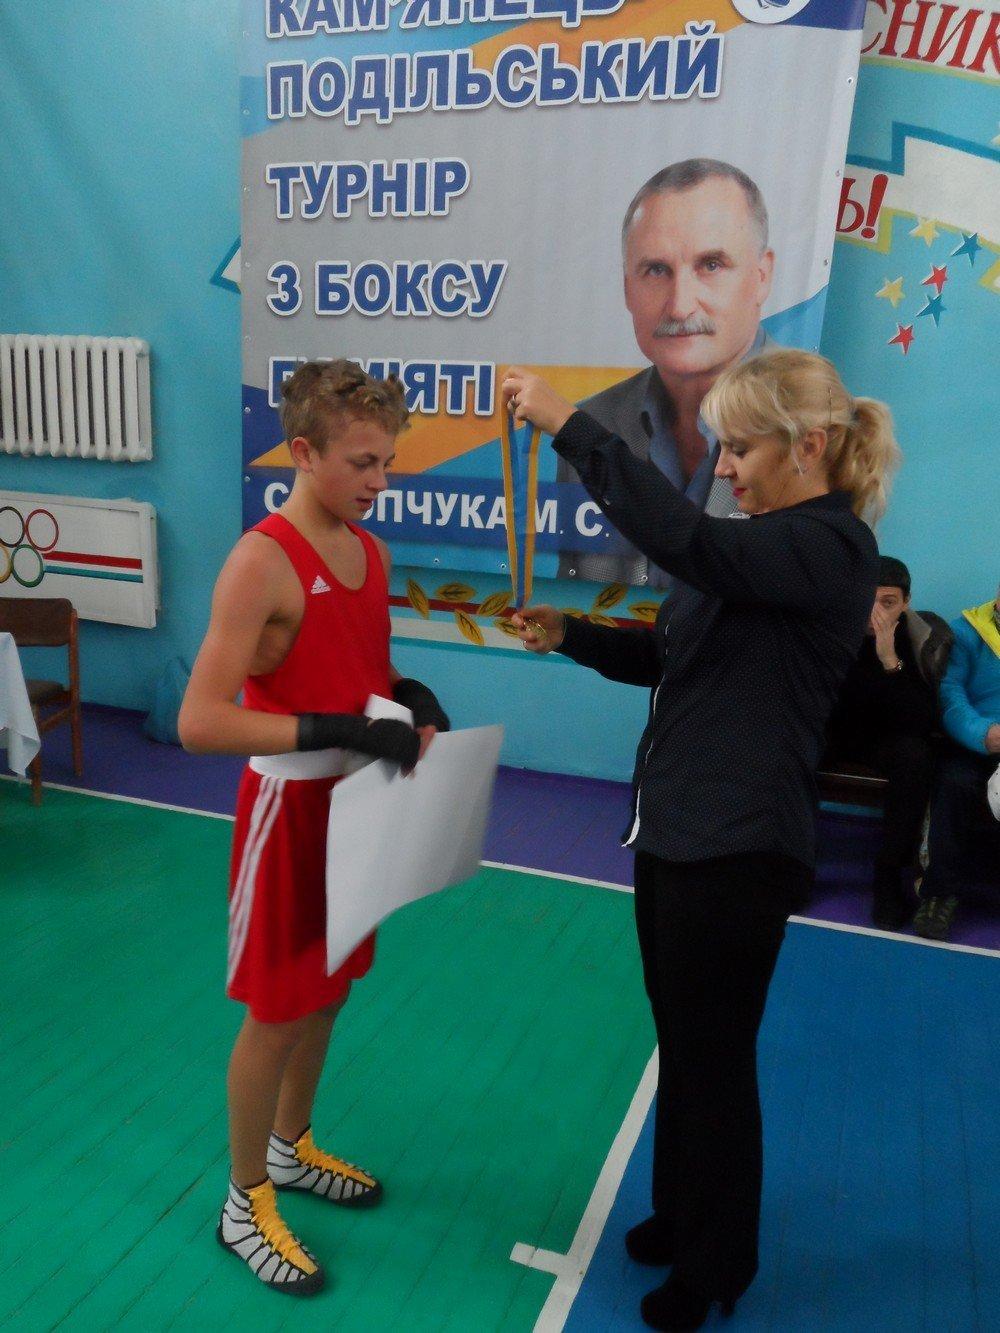 II Всеукраїнський турнір з боксу пам'яті М.С. Солопчука відбувся у Кам'янці-Подільському, фото-2